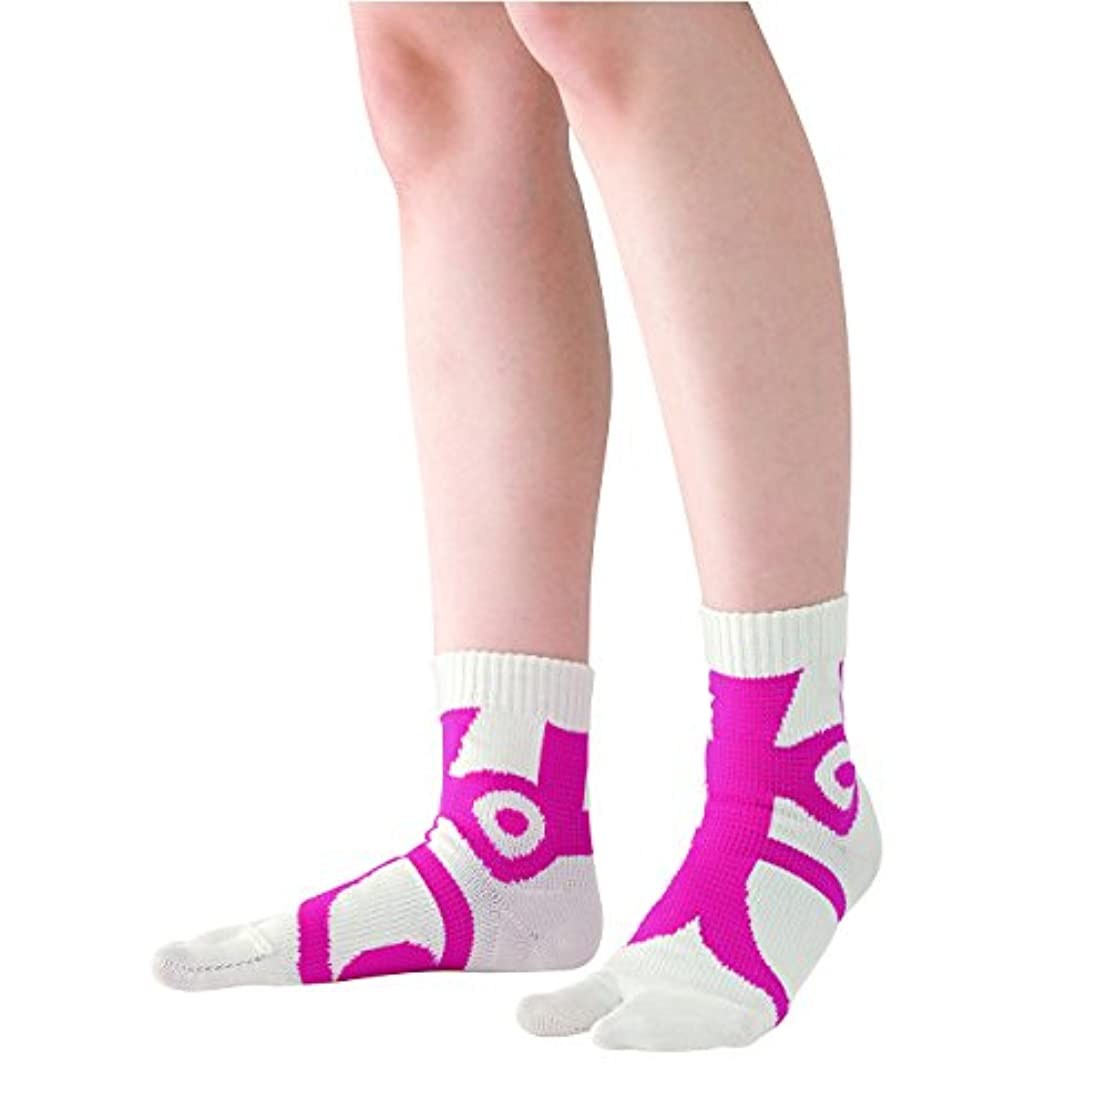 タイプライター入場料ペストリー快歩テーピング靴下 ホワイト×ピンク